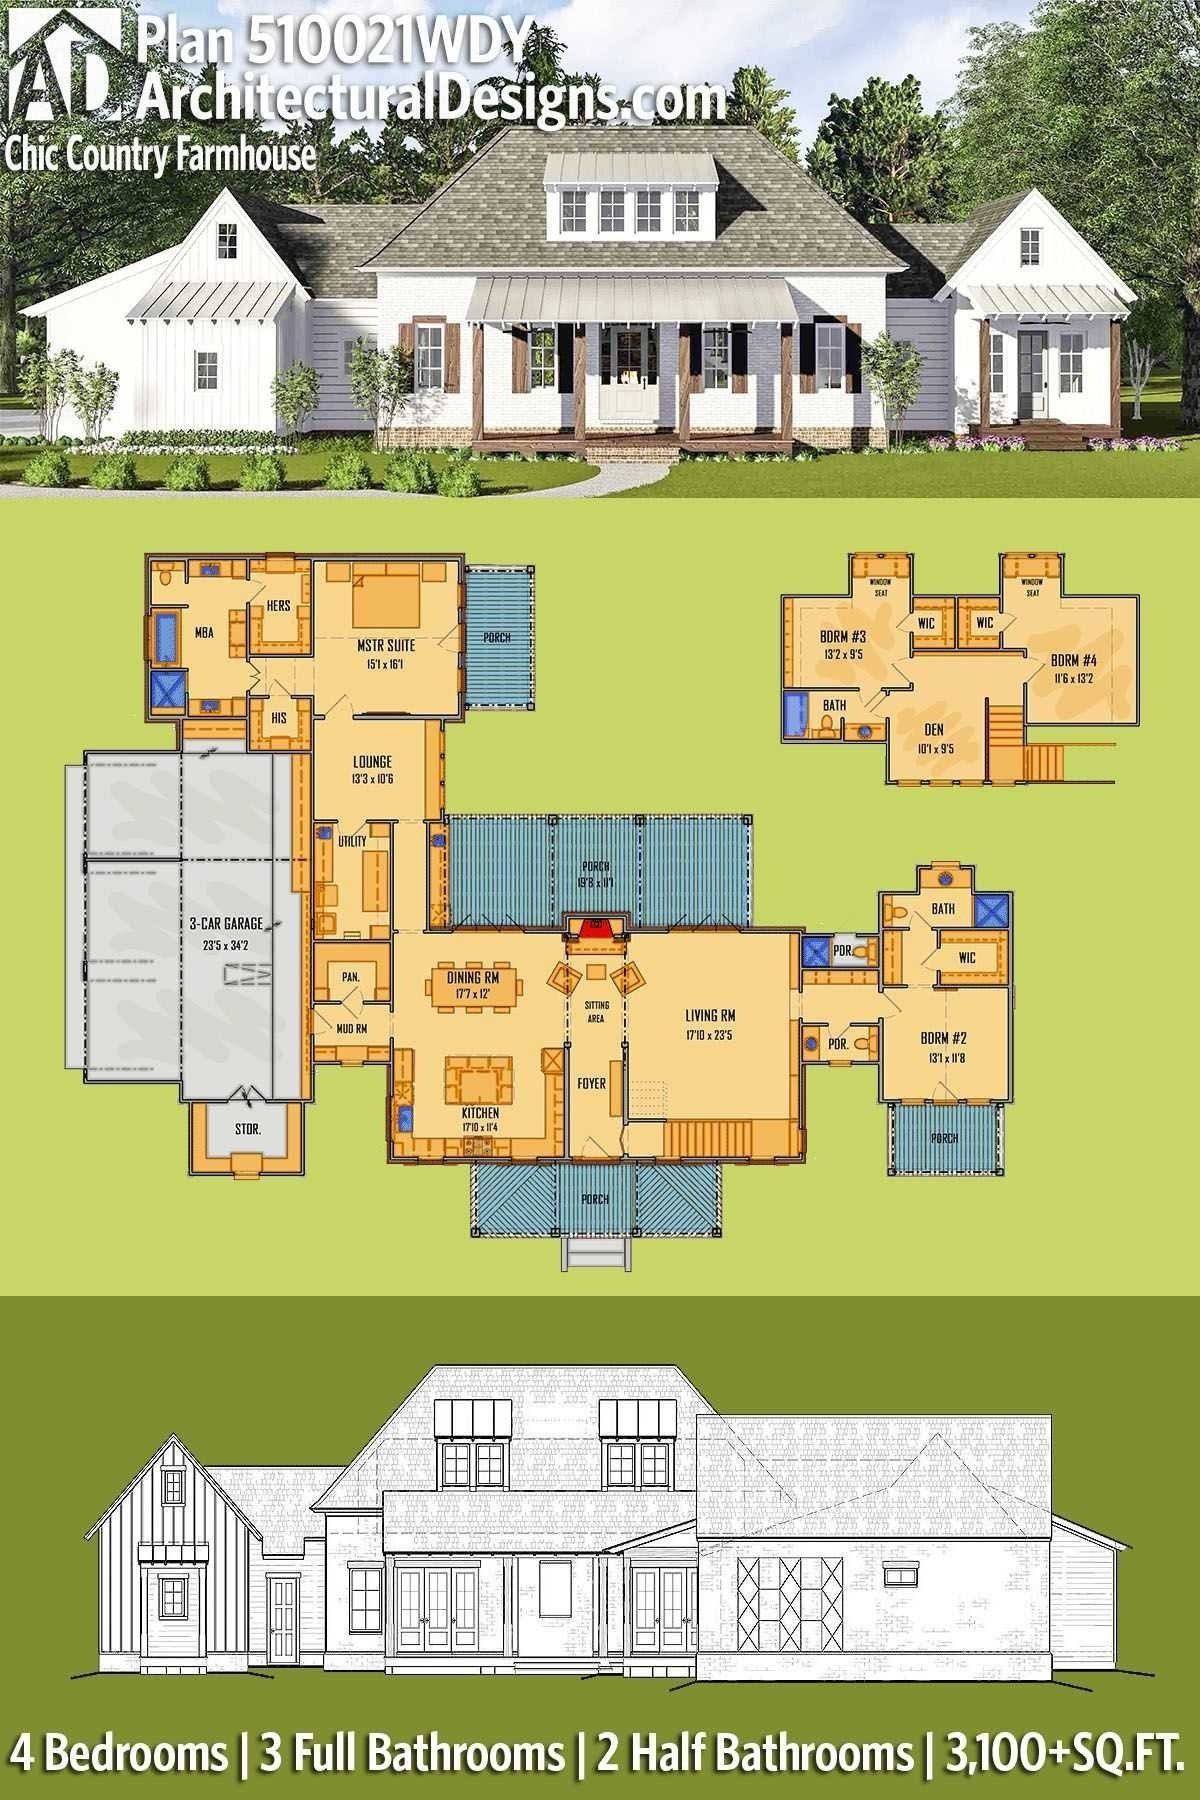 11 Elegant House Plans Under 200k To Build Photos Architectural Design House Plans House Blueprints House Plans Farmhouse